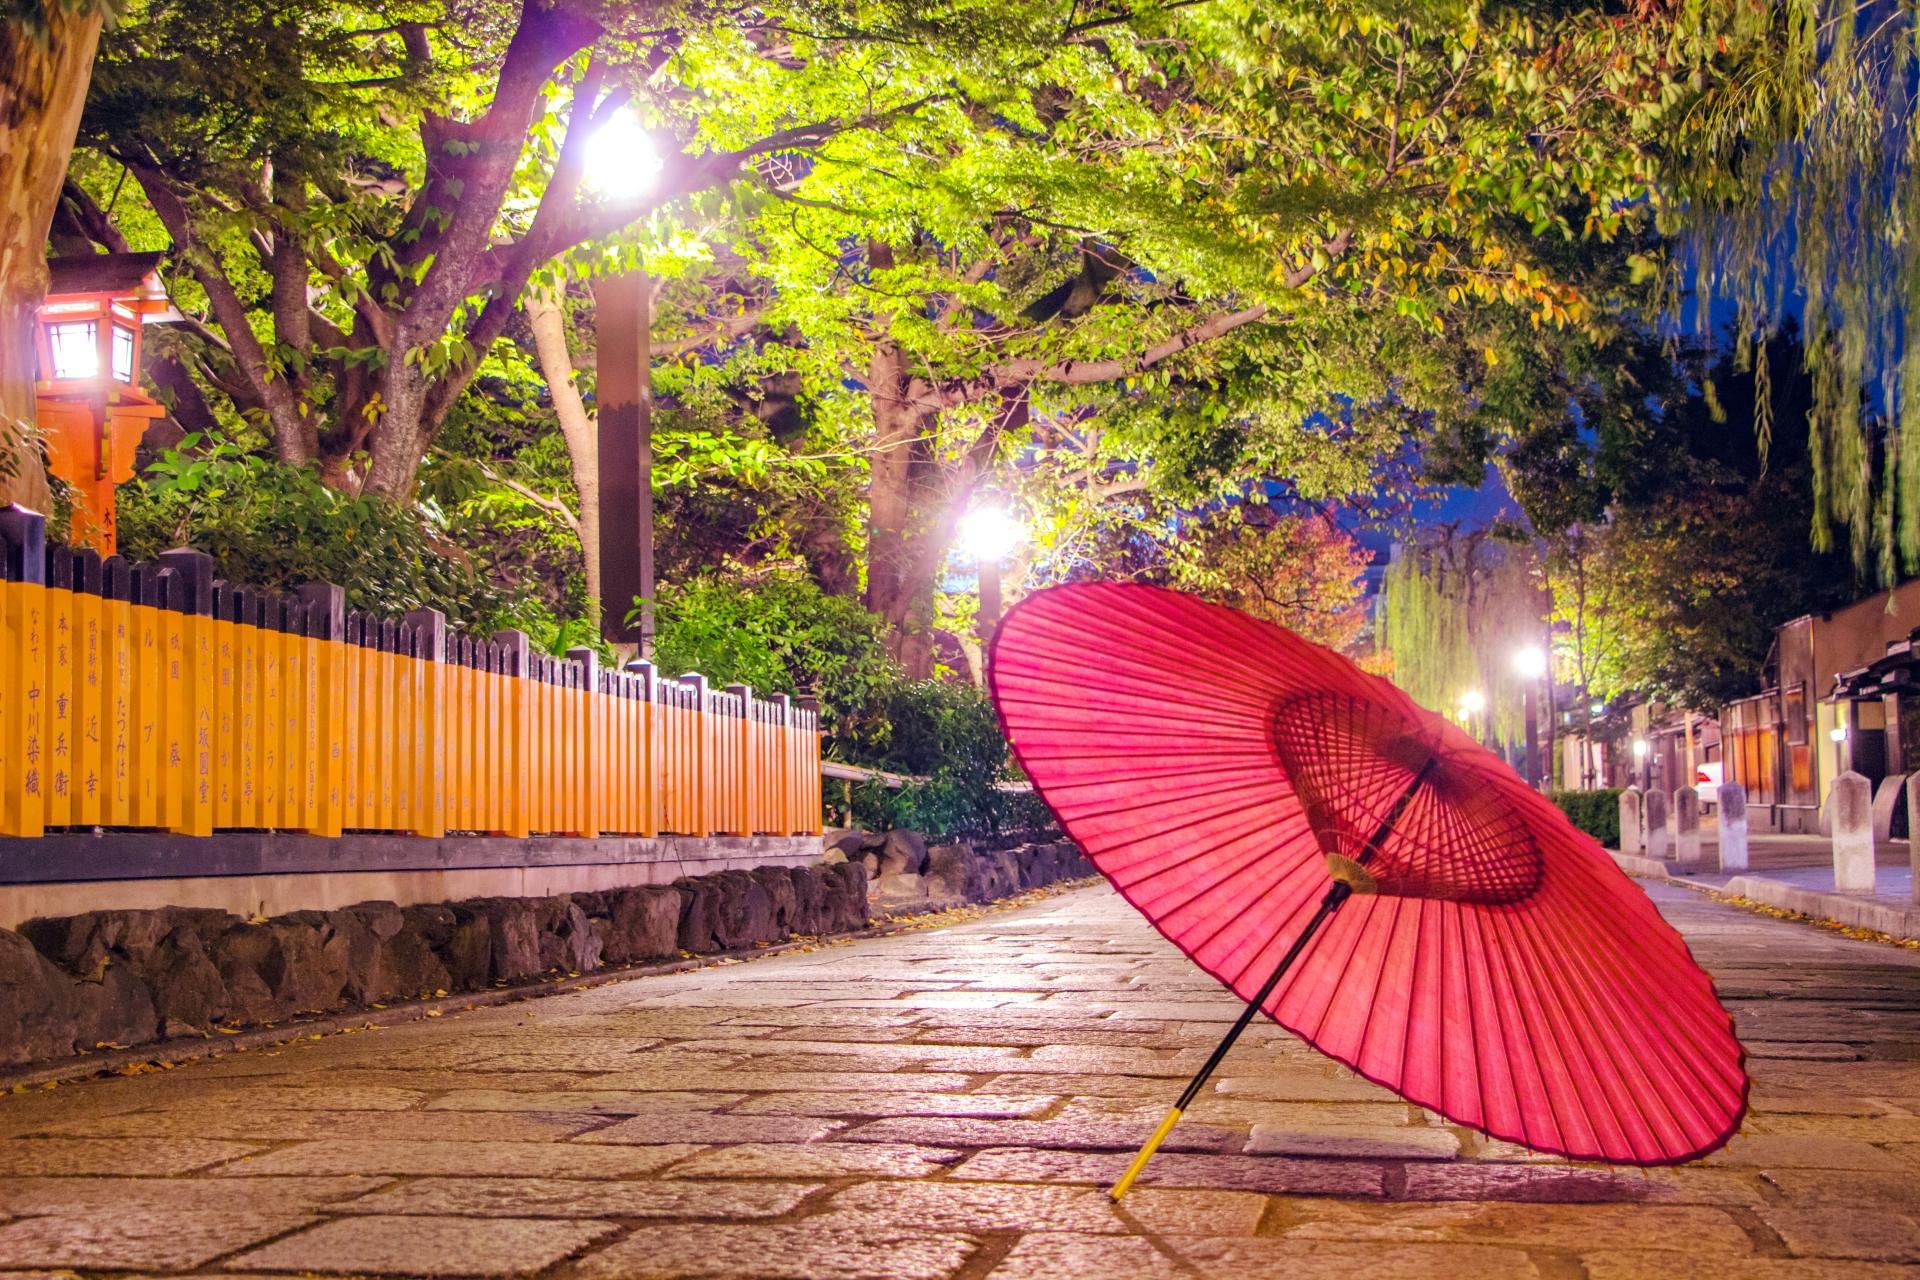 日本は人気が高い?海外の人に人気の高いスポットや日本の魅力